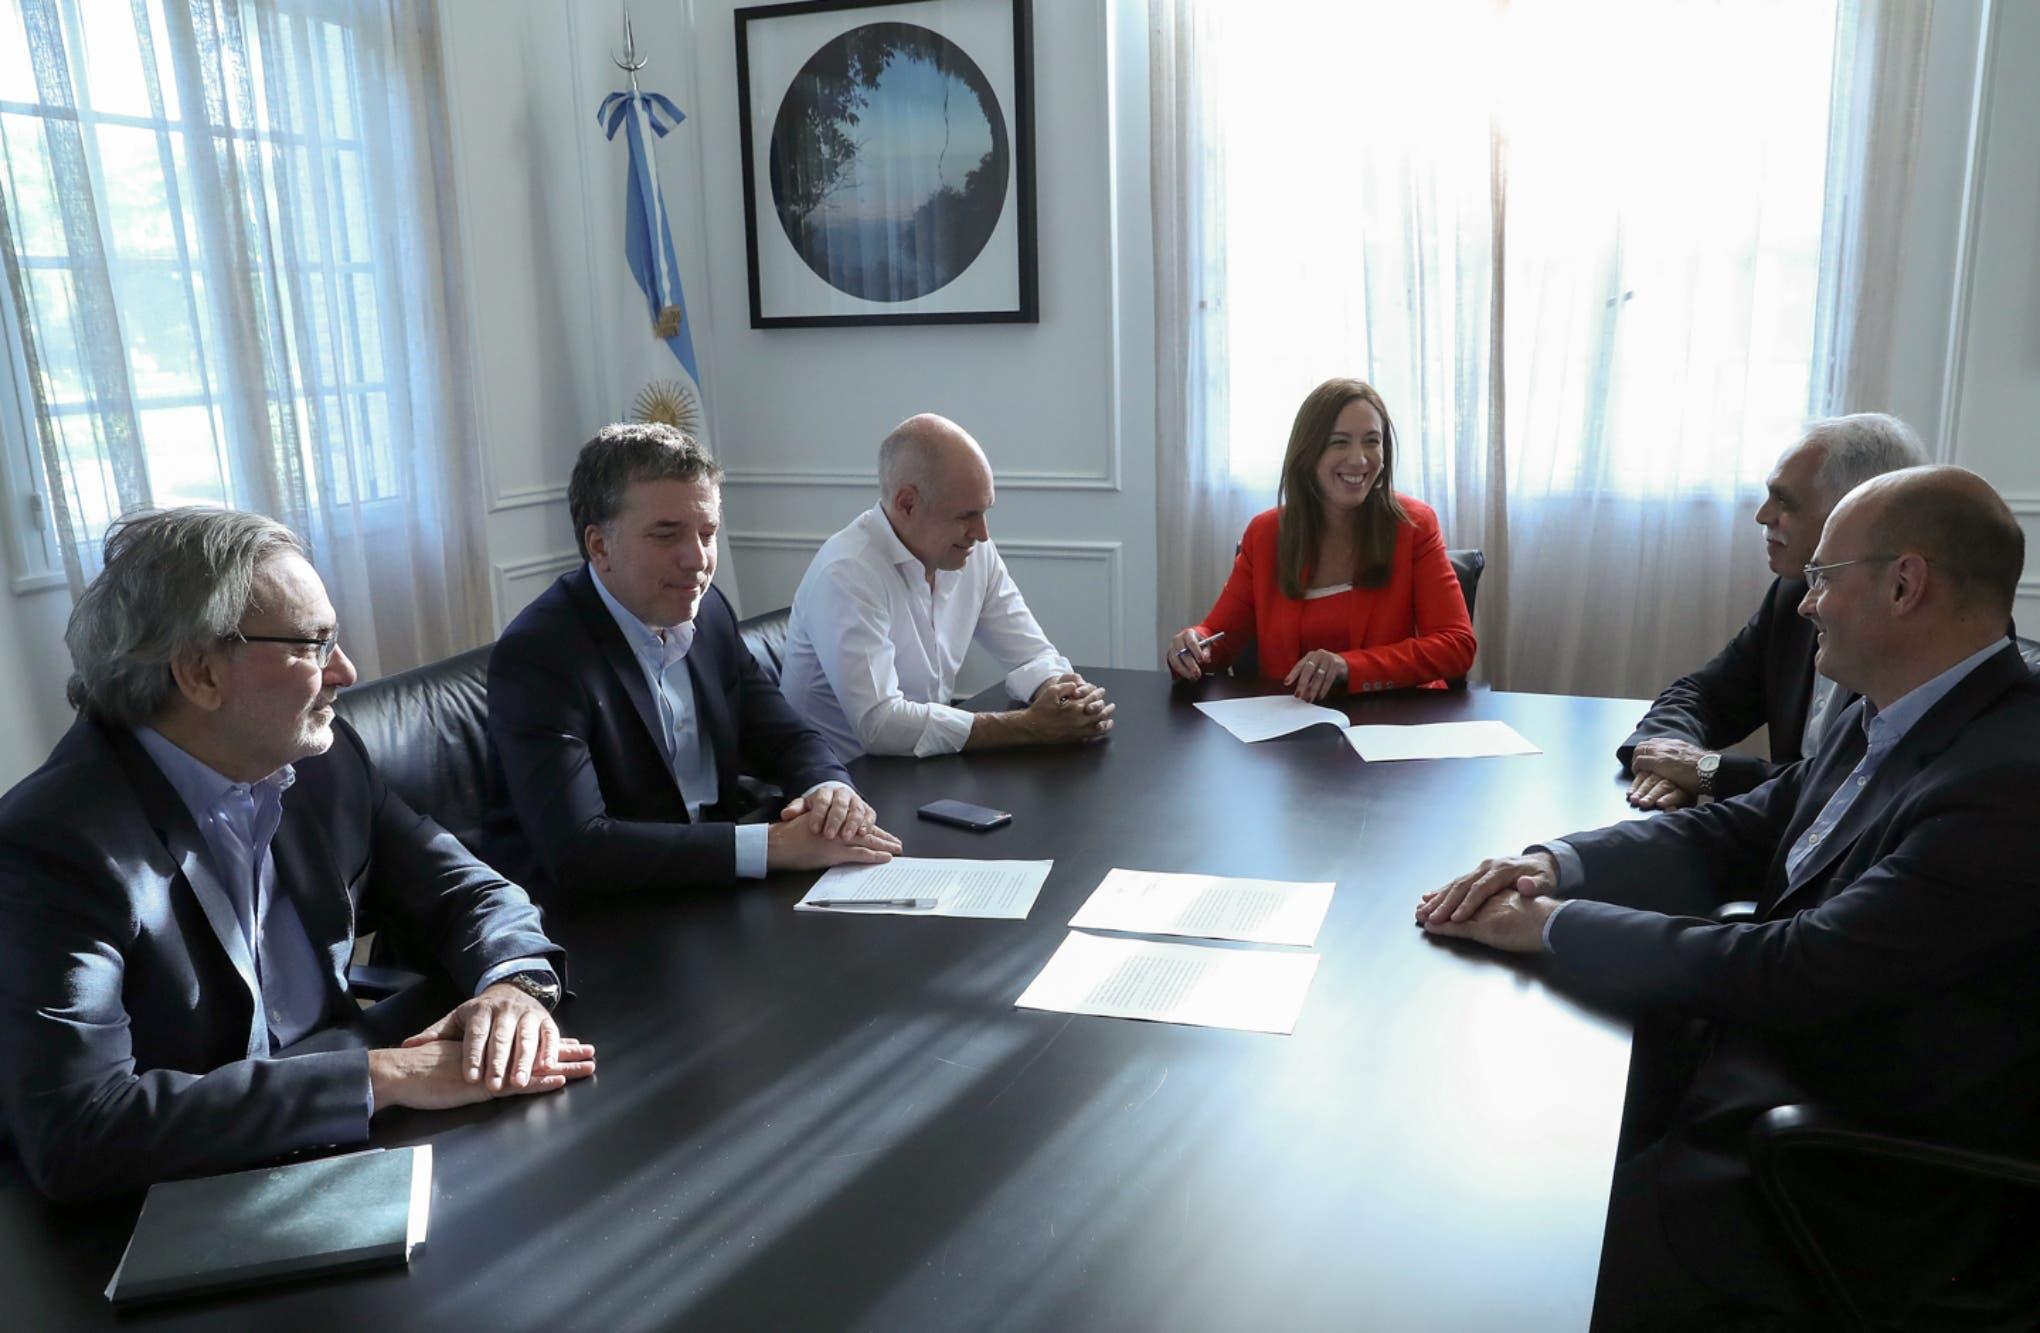 El Gobierno transfirió Edenor y Edesur a Vidal y Rodríguez Larreta